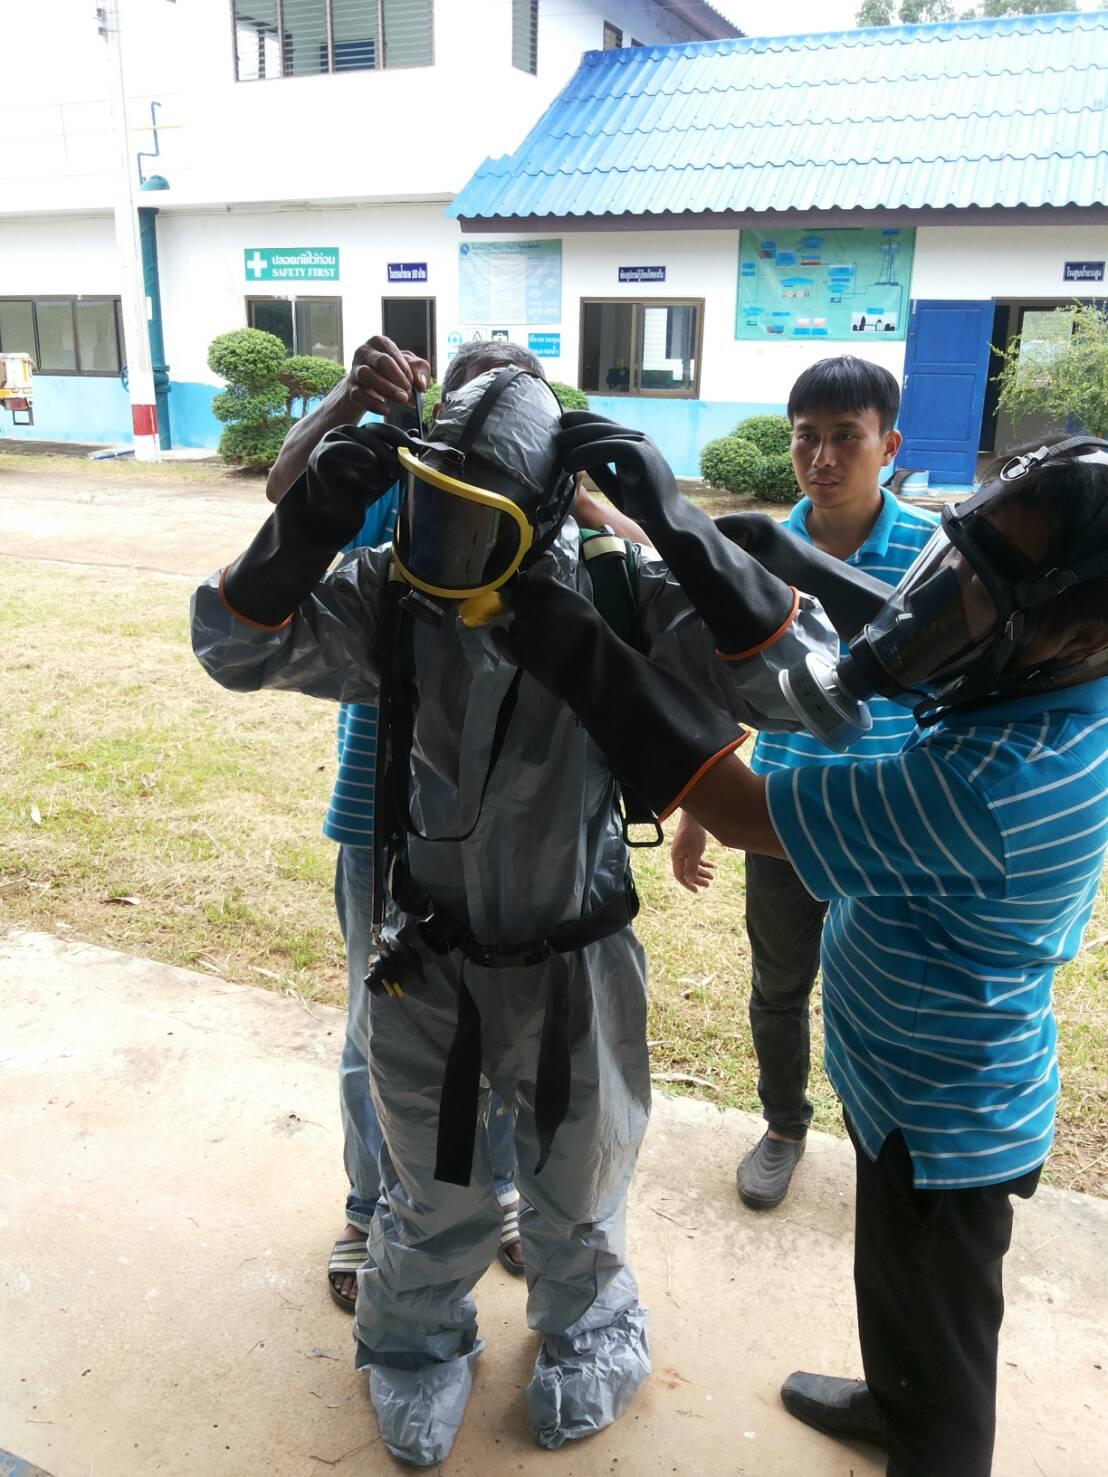 ไฟล์แนบ  กปภ.สาขากันทรลักษ์ จัดฝึกอบรมซักซ้อมแผนฉุกเฉินป้องกันแก๊สคลอรีนรั่วไหล